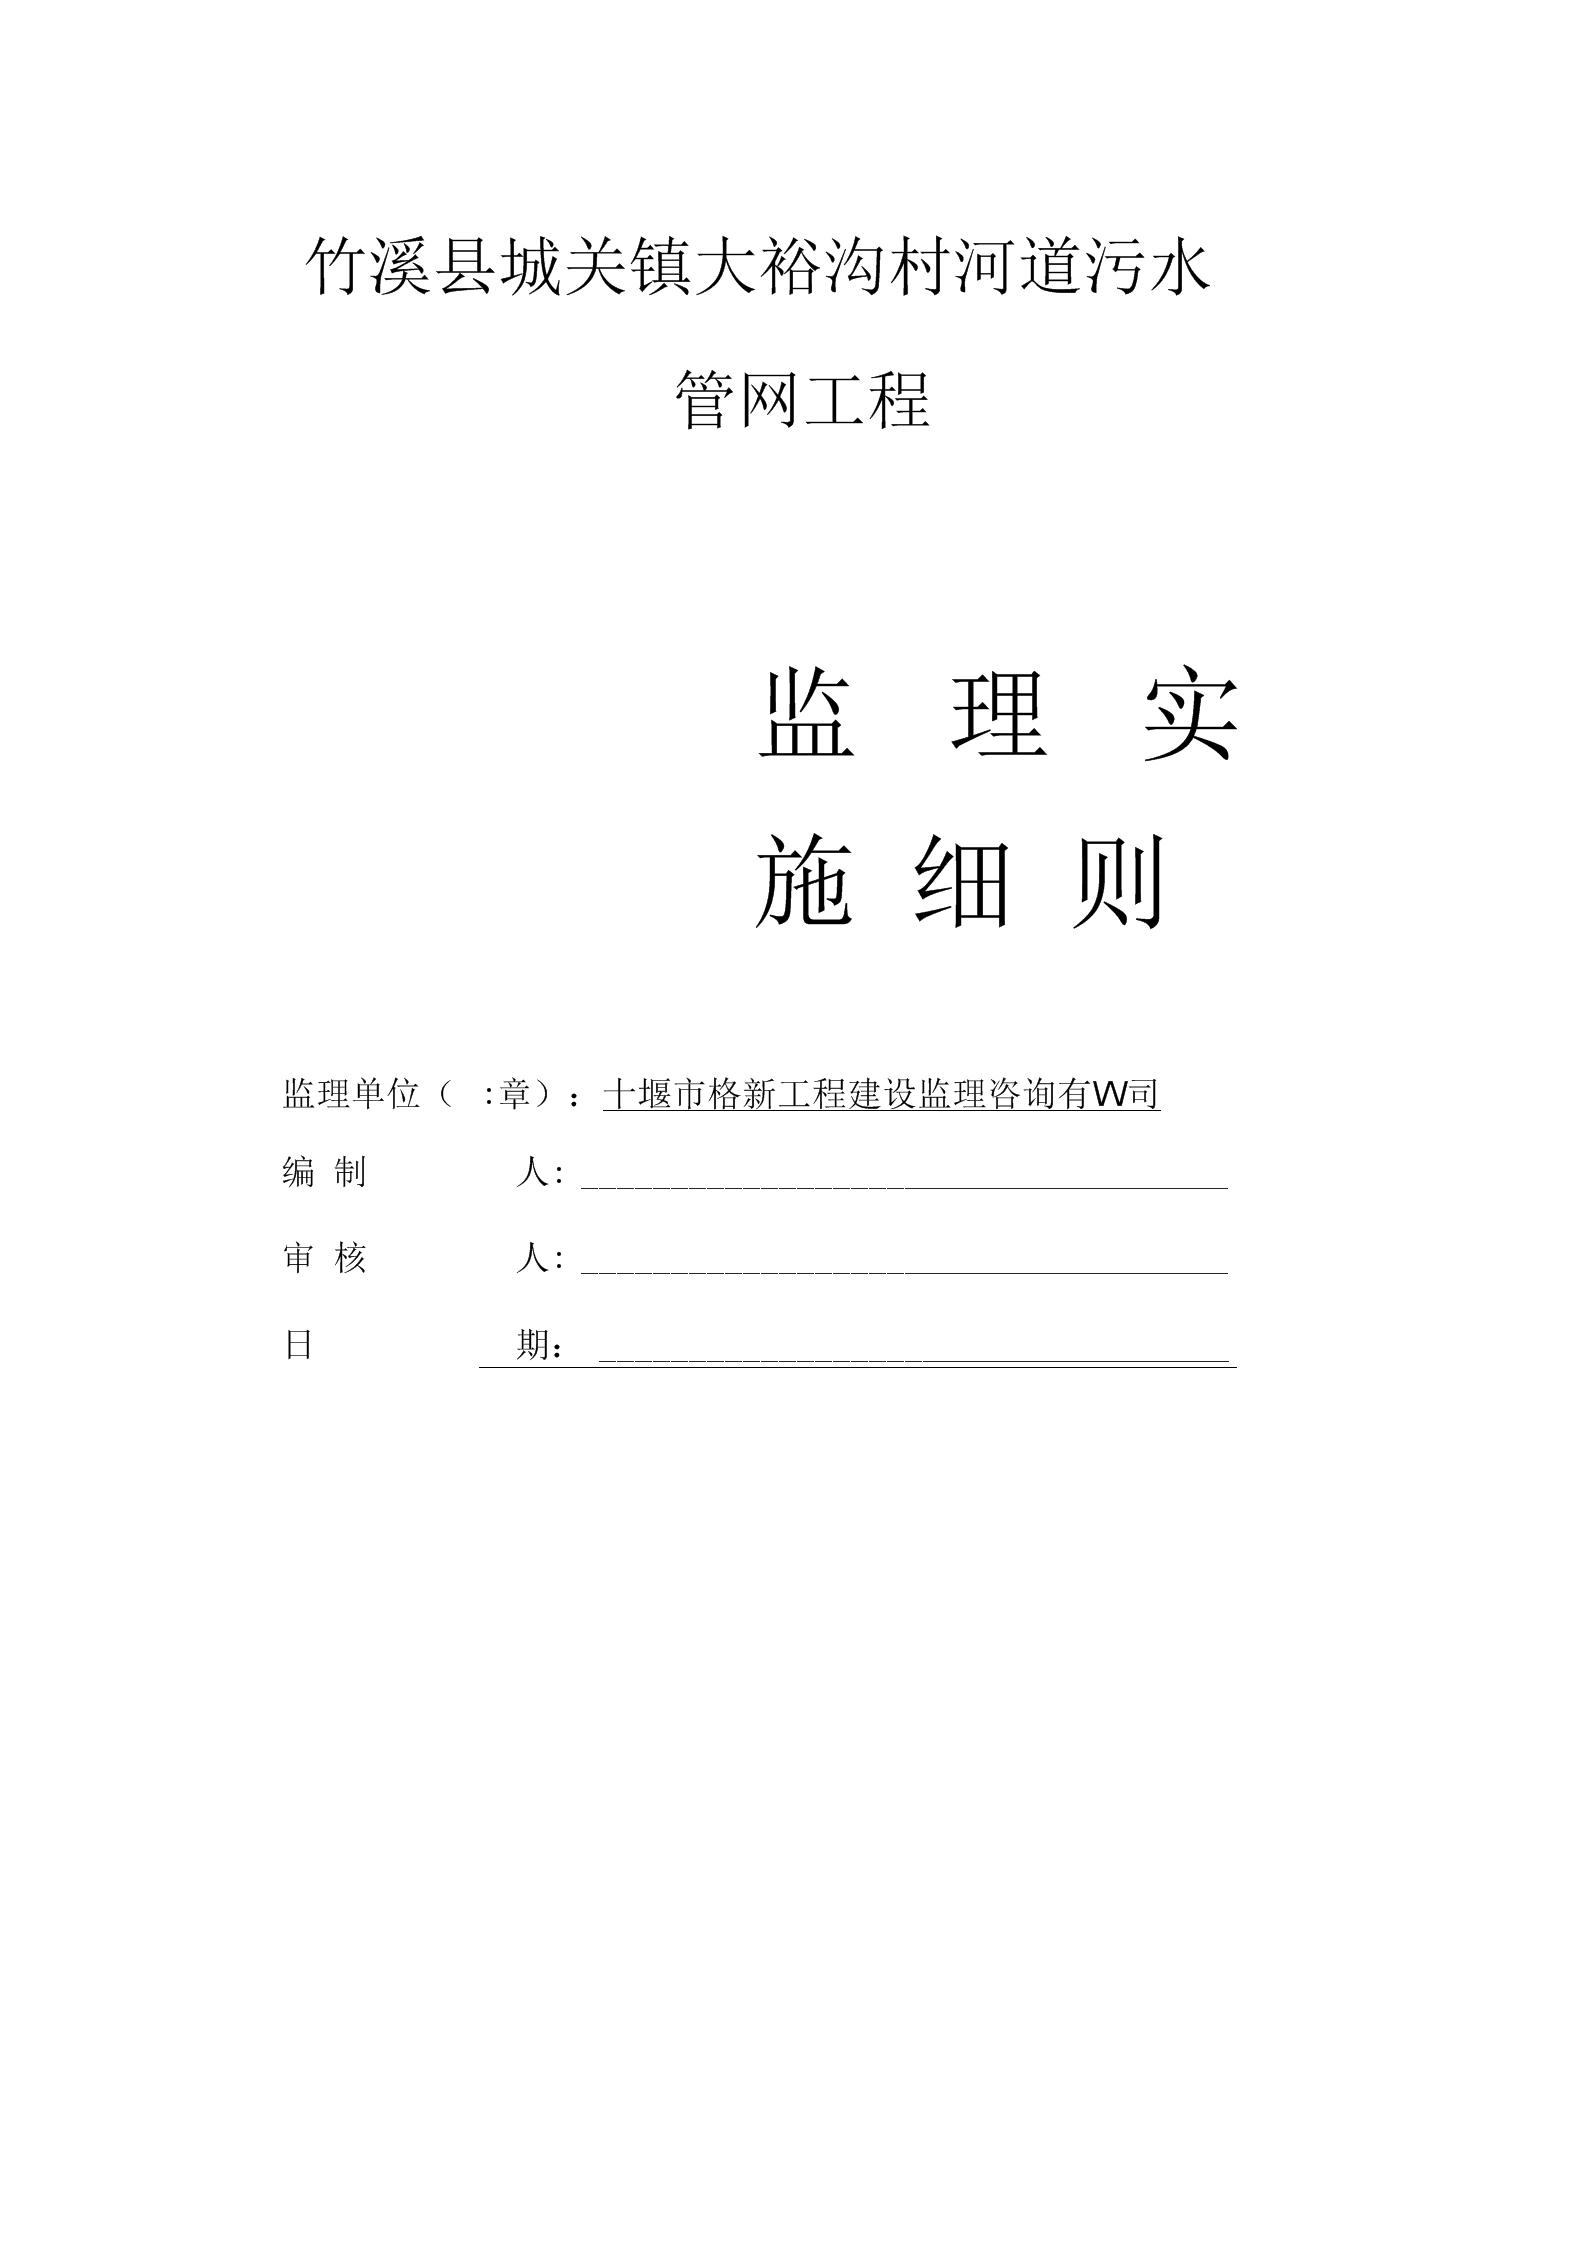 《污水管网工程监理实施细则》.docx